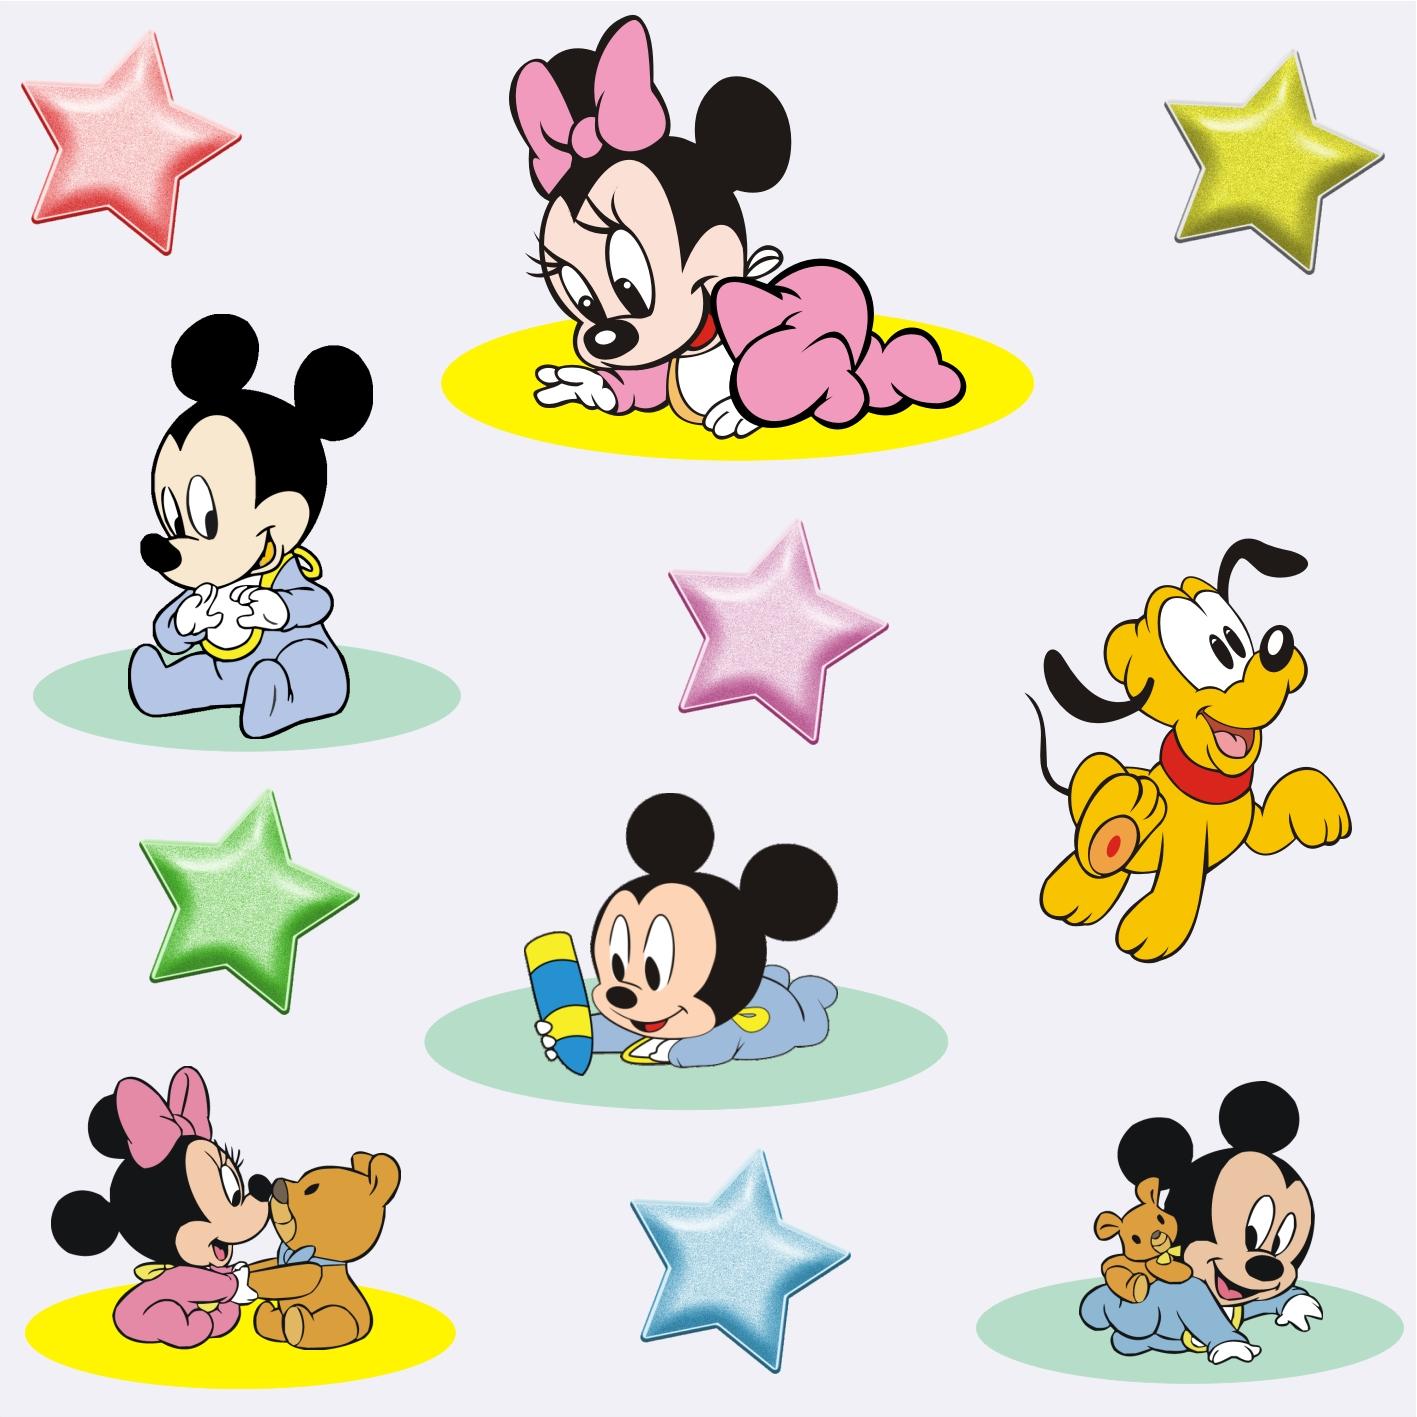 Ausmalbilder Disney Baby : Disney Babies Malvorlagen Die Beste Idee Zum Ausmalen Von Seiten